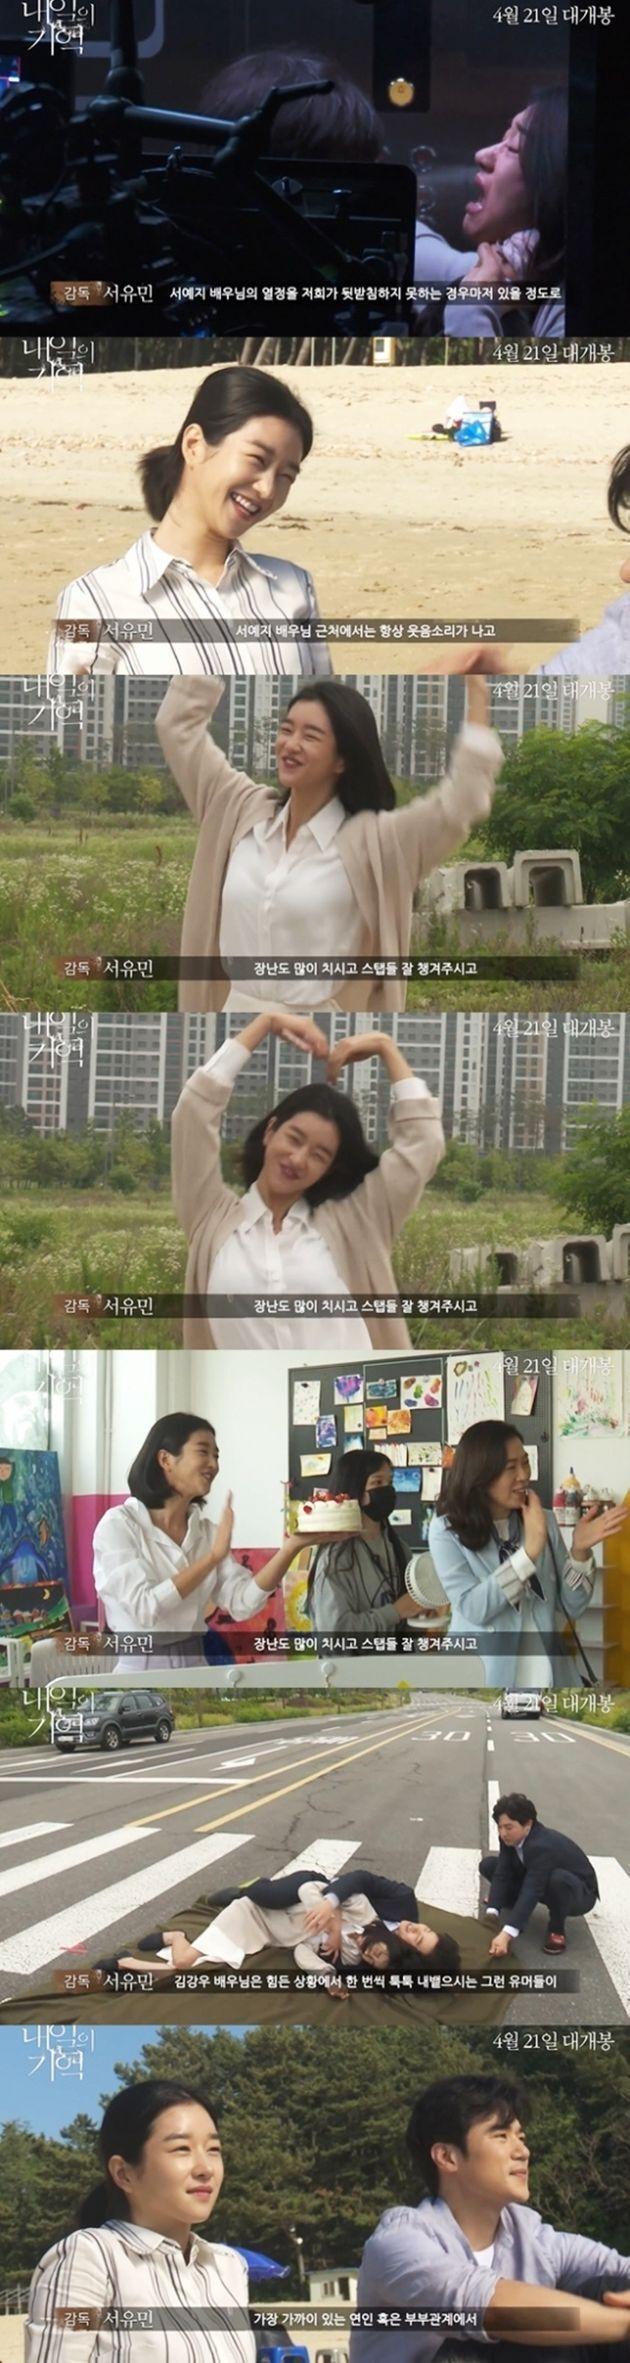 배우 서예지와 김강우가 주연을 맡은 영화 '내일의 기억'이 전체 박스오피스 1위에 올랐다.서예지는 최근스태프 갑질 의혹및전...